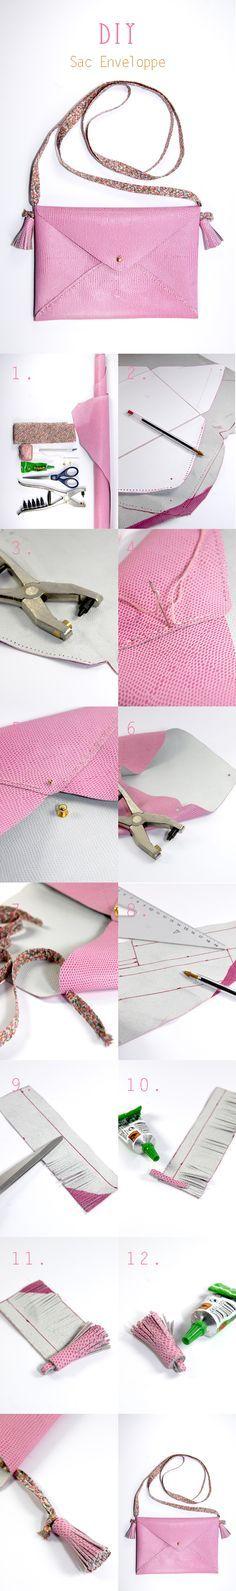 DIY tuto sac enveloppe en cuir- leather envelope bag